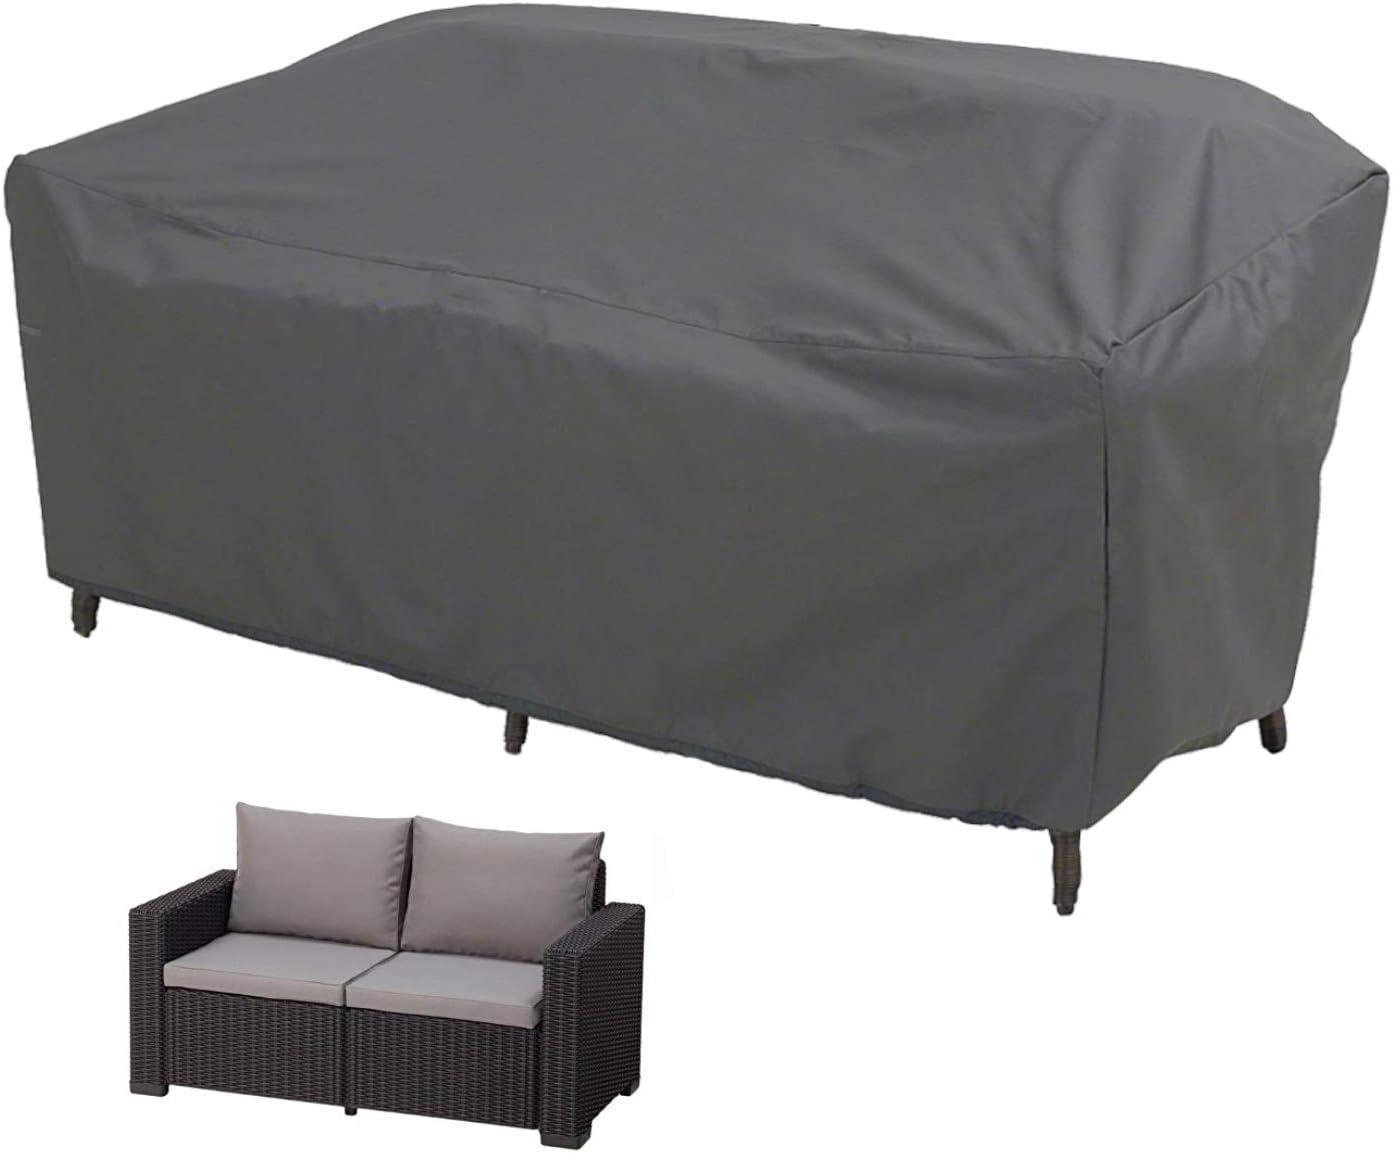 Grigio /Durevole e impermeabile rivestimento mobili Outdoor impermeabile protezione contro vento protezione UV Alta qualit/à tavolo da giardino Poltrona Lounge//Club Chair Cover/